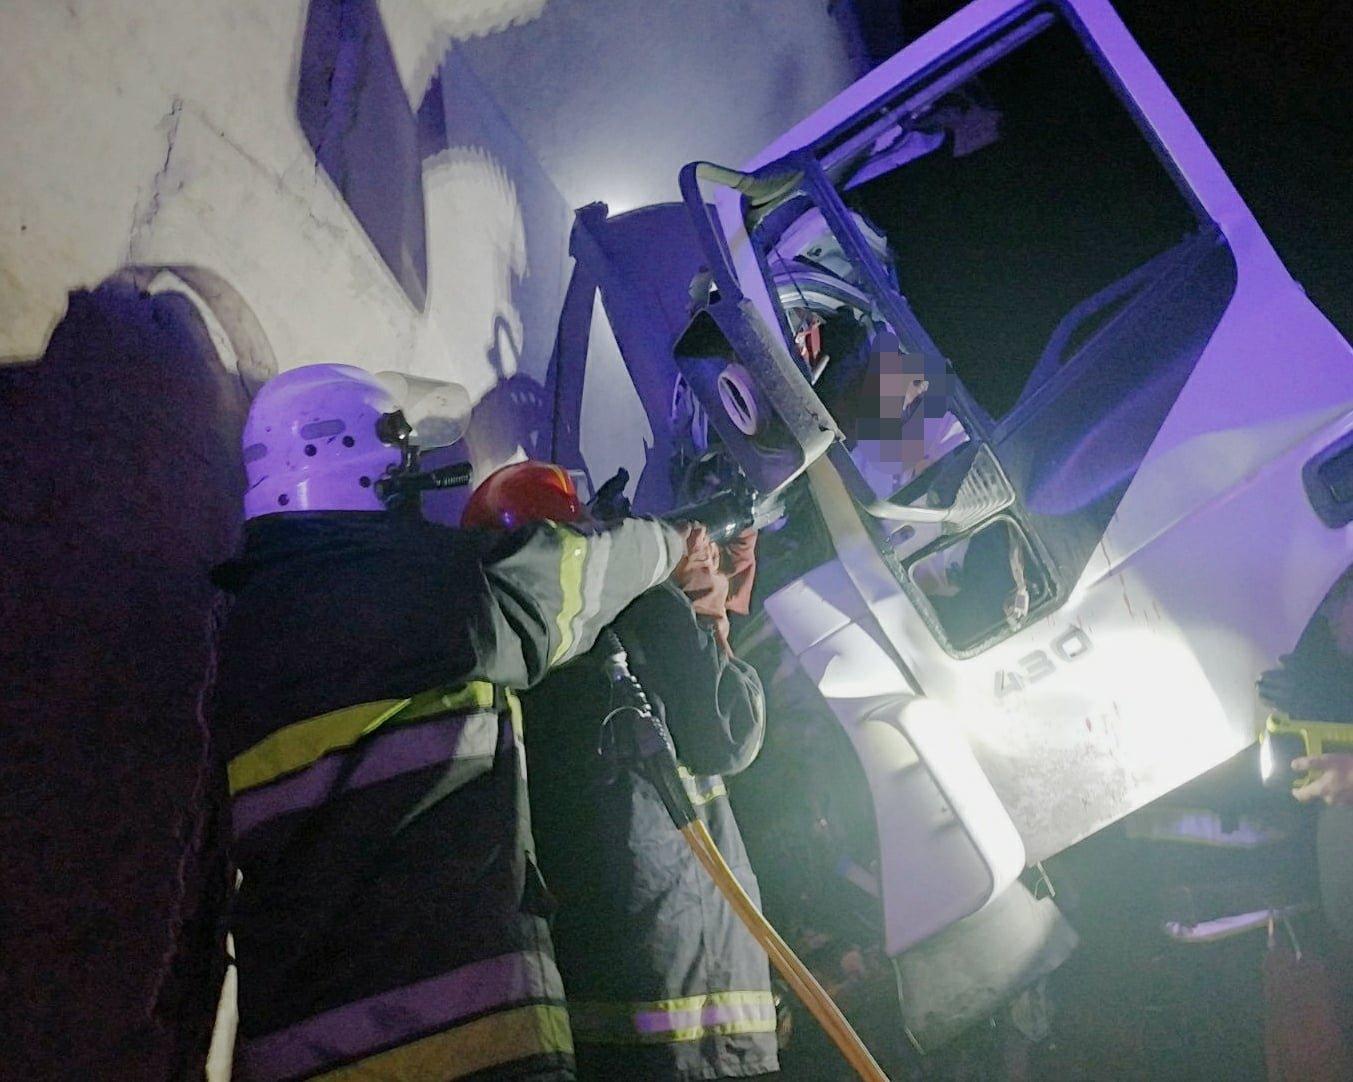 Неподалік Лисогірки вантажівка врізалась в бетонну опору моста , фото-1, Фото: пресслужба порятунку 101 Кам'янця-Подільського